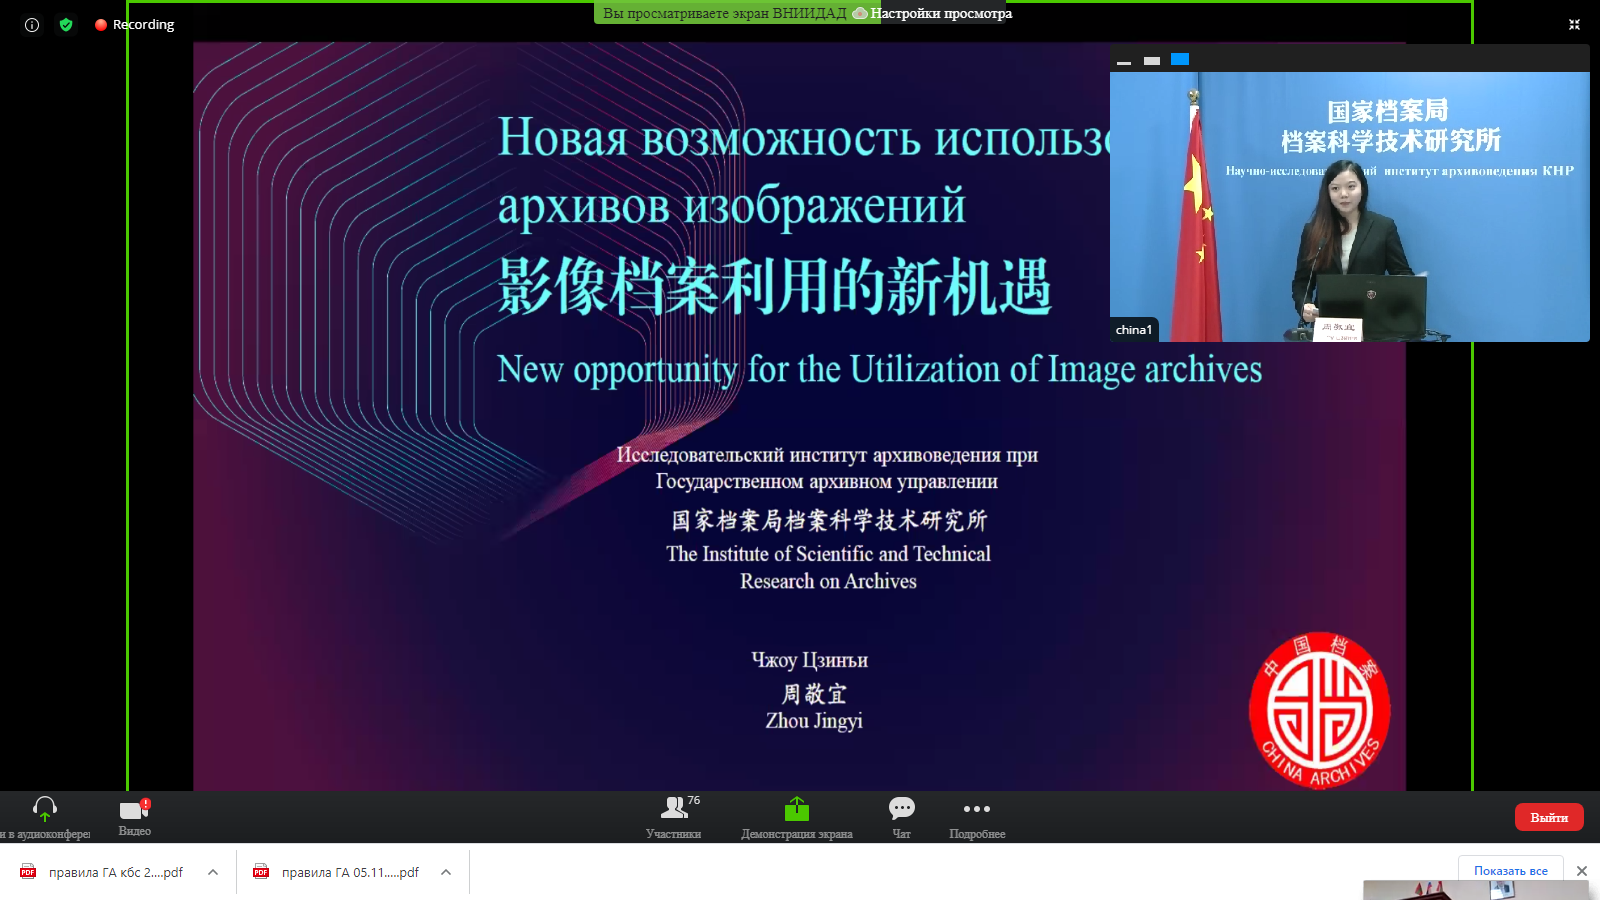 Чжоу Цзинъи, Архивный научно-технический институт государственного архивного управления Китайской Народной Республики.